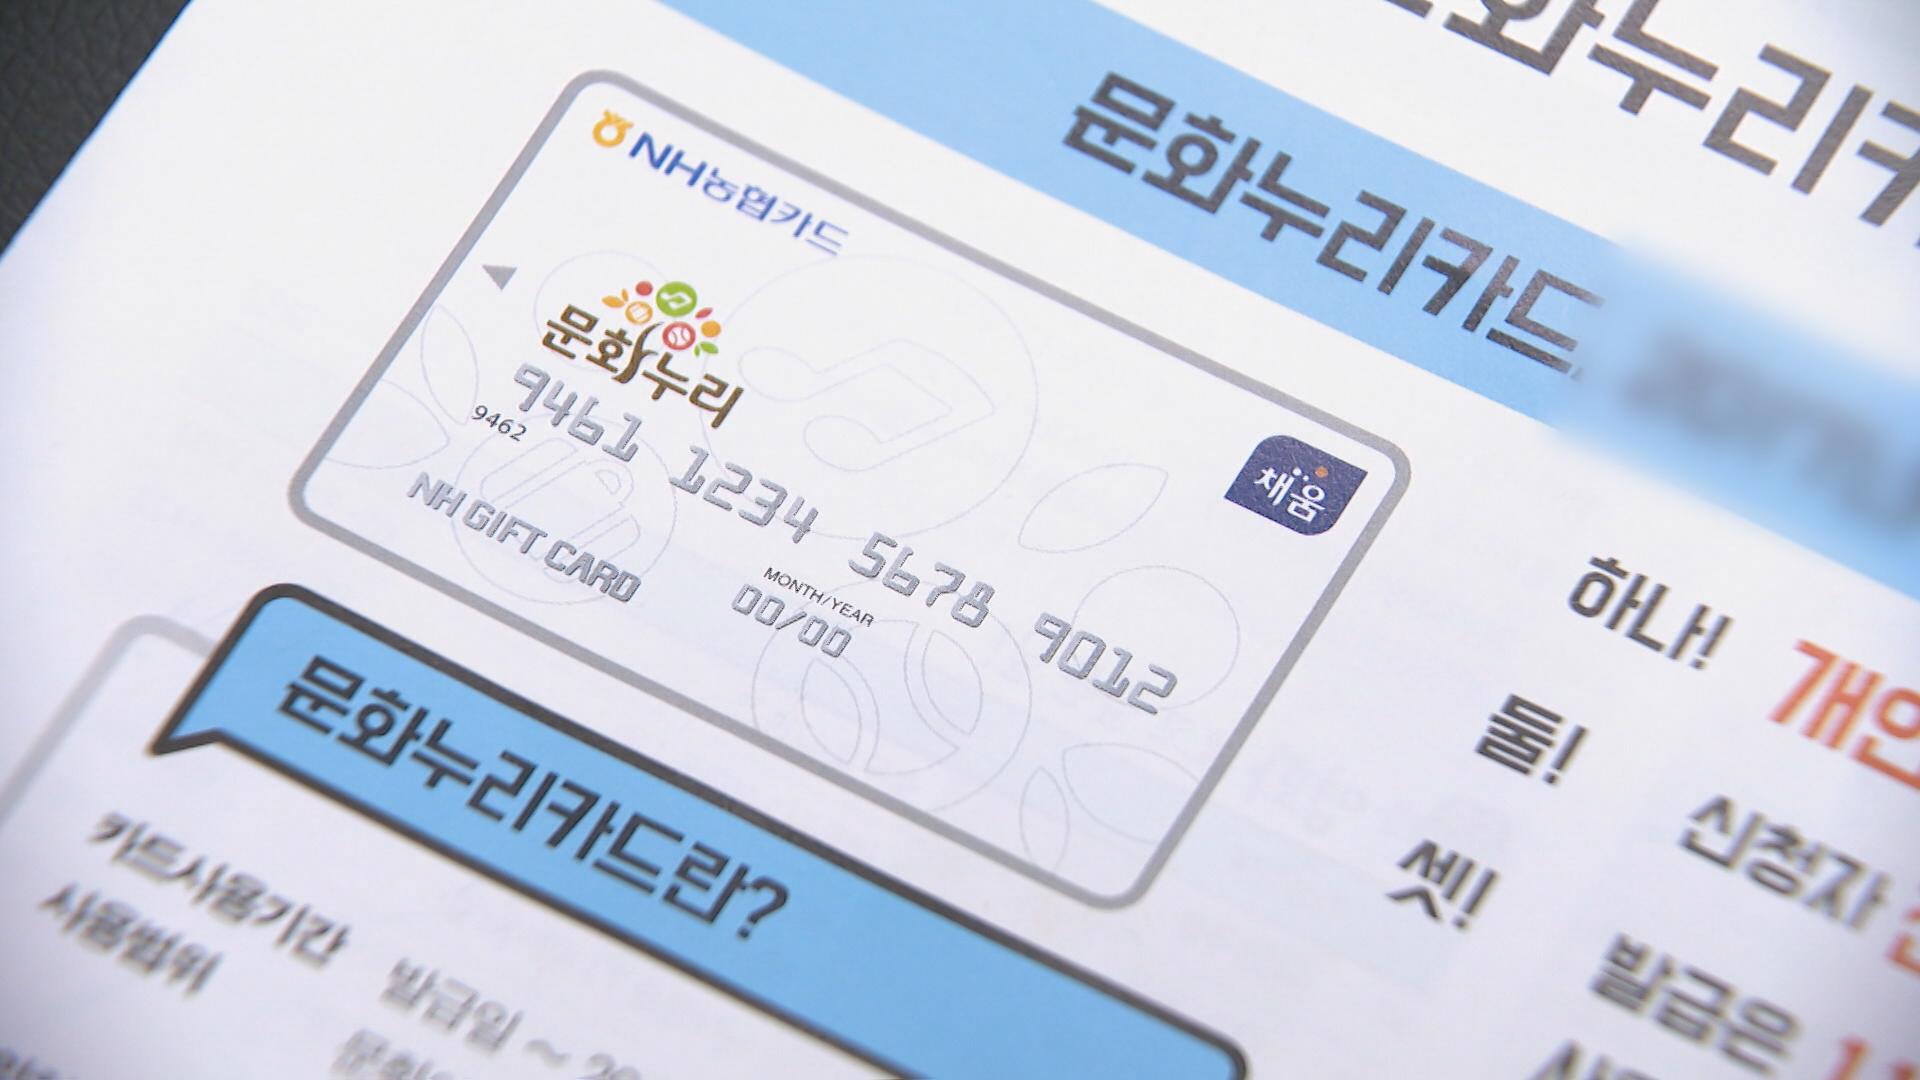 [단독] 821억 들인 문화누리카드, '전액사용' 실적은 고작 48%